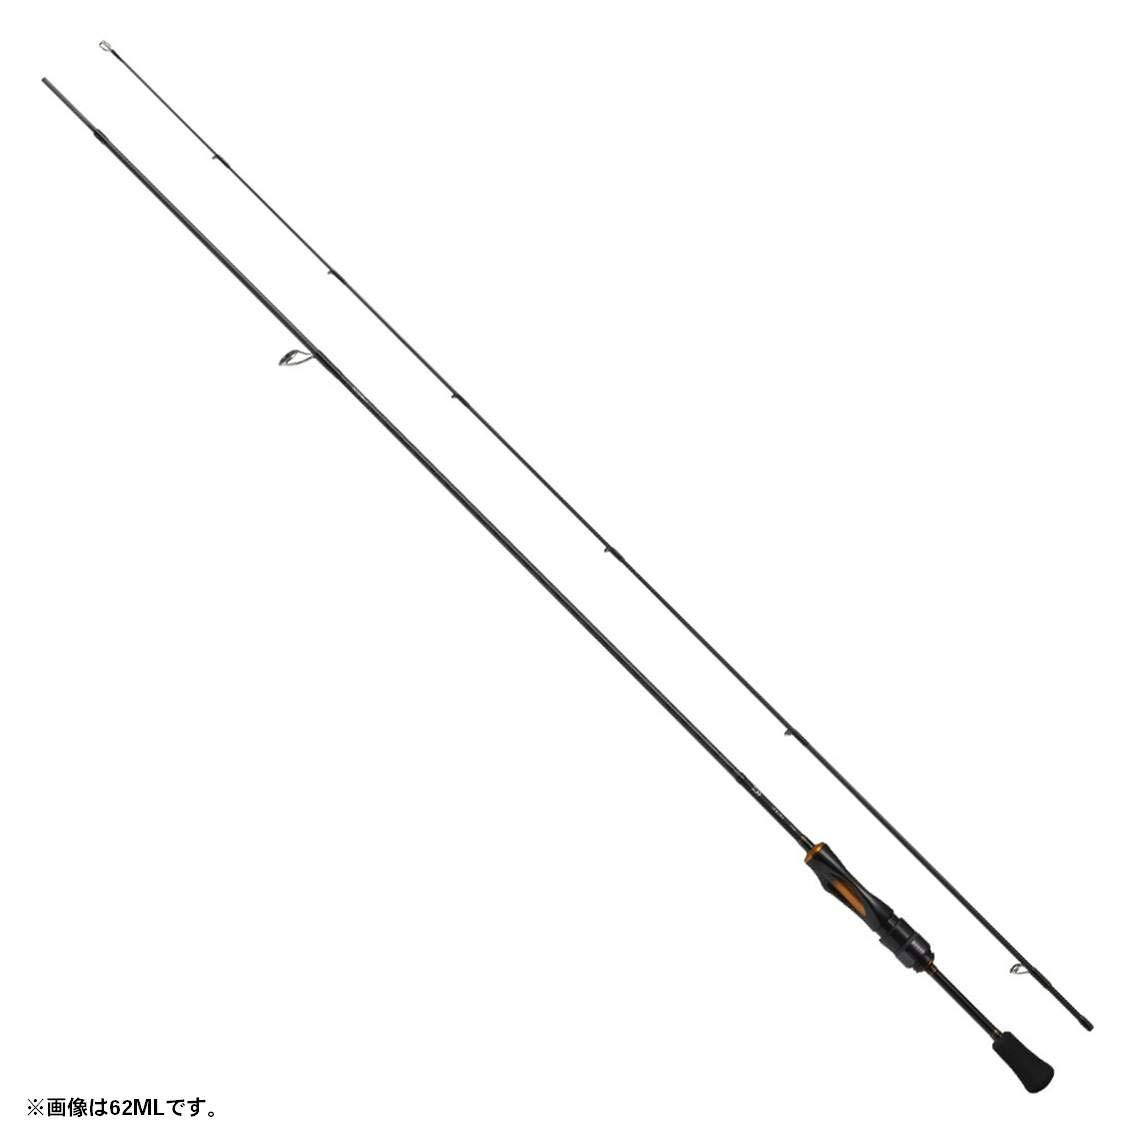 ダイワ(Daiwa) トラウトロッド スピニング イプリミ 62L 釣り竿